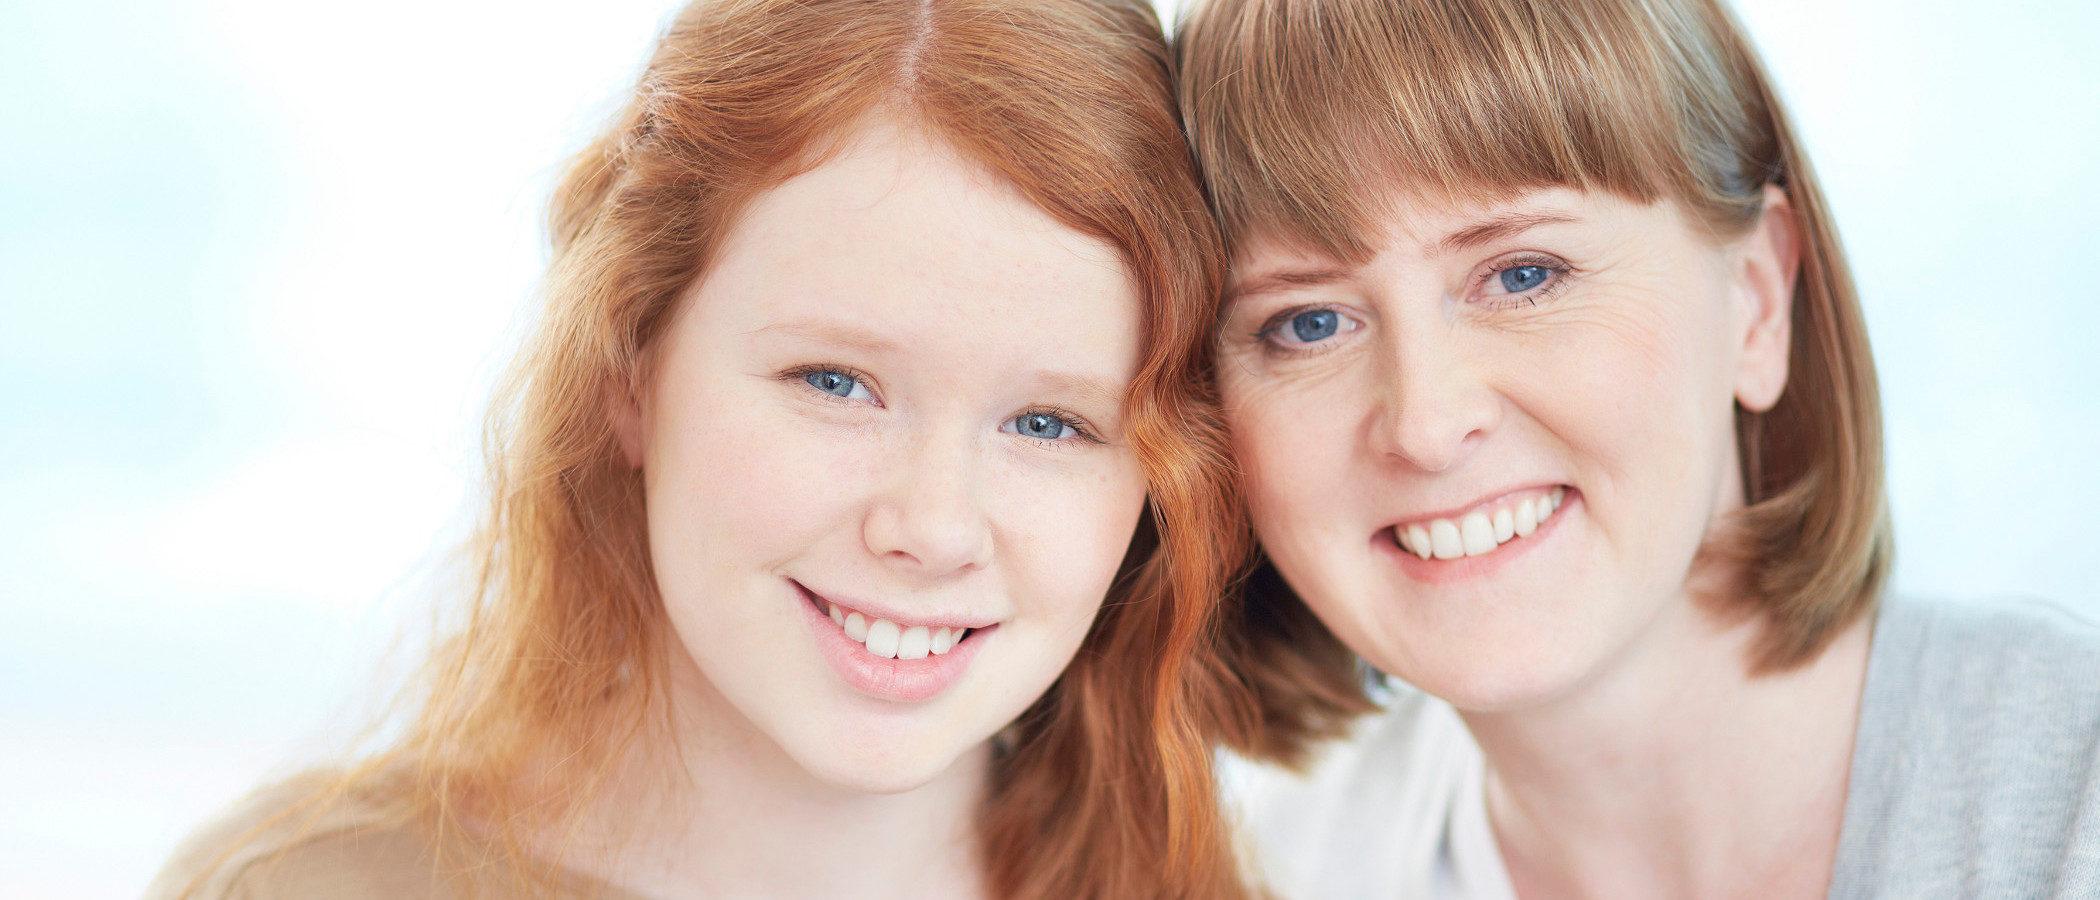 La primera menstruación de nuestra hija, ¿cómo ayudarla en esta nueva etapa?